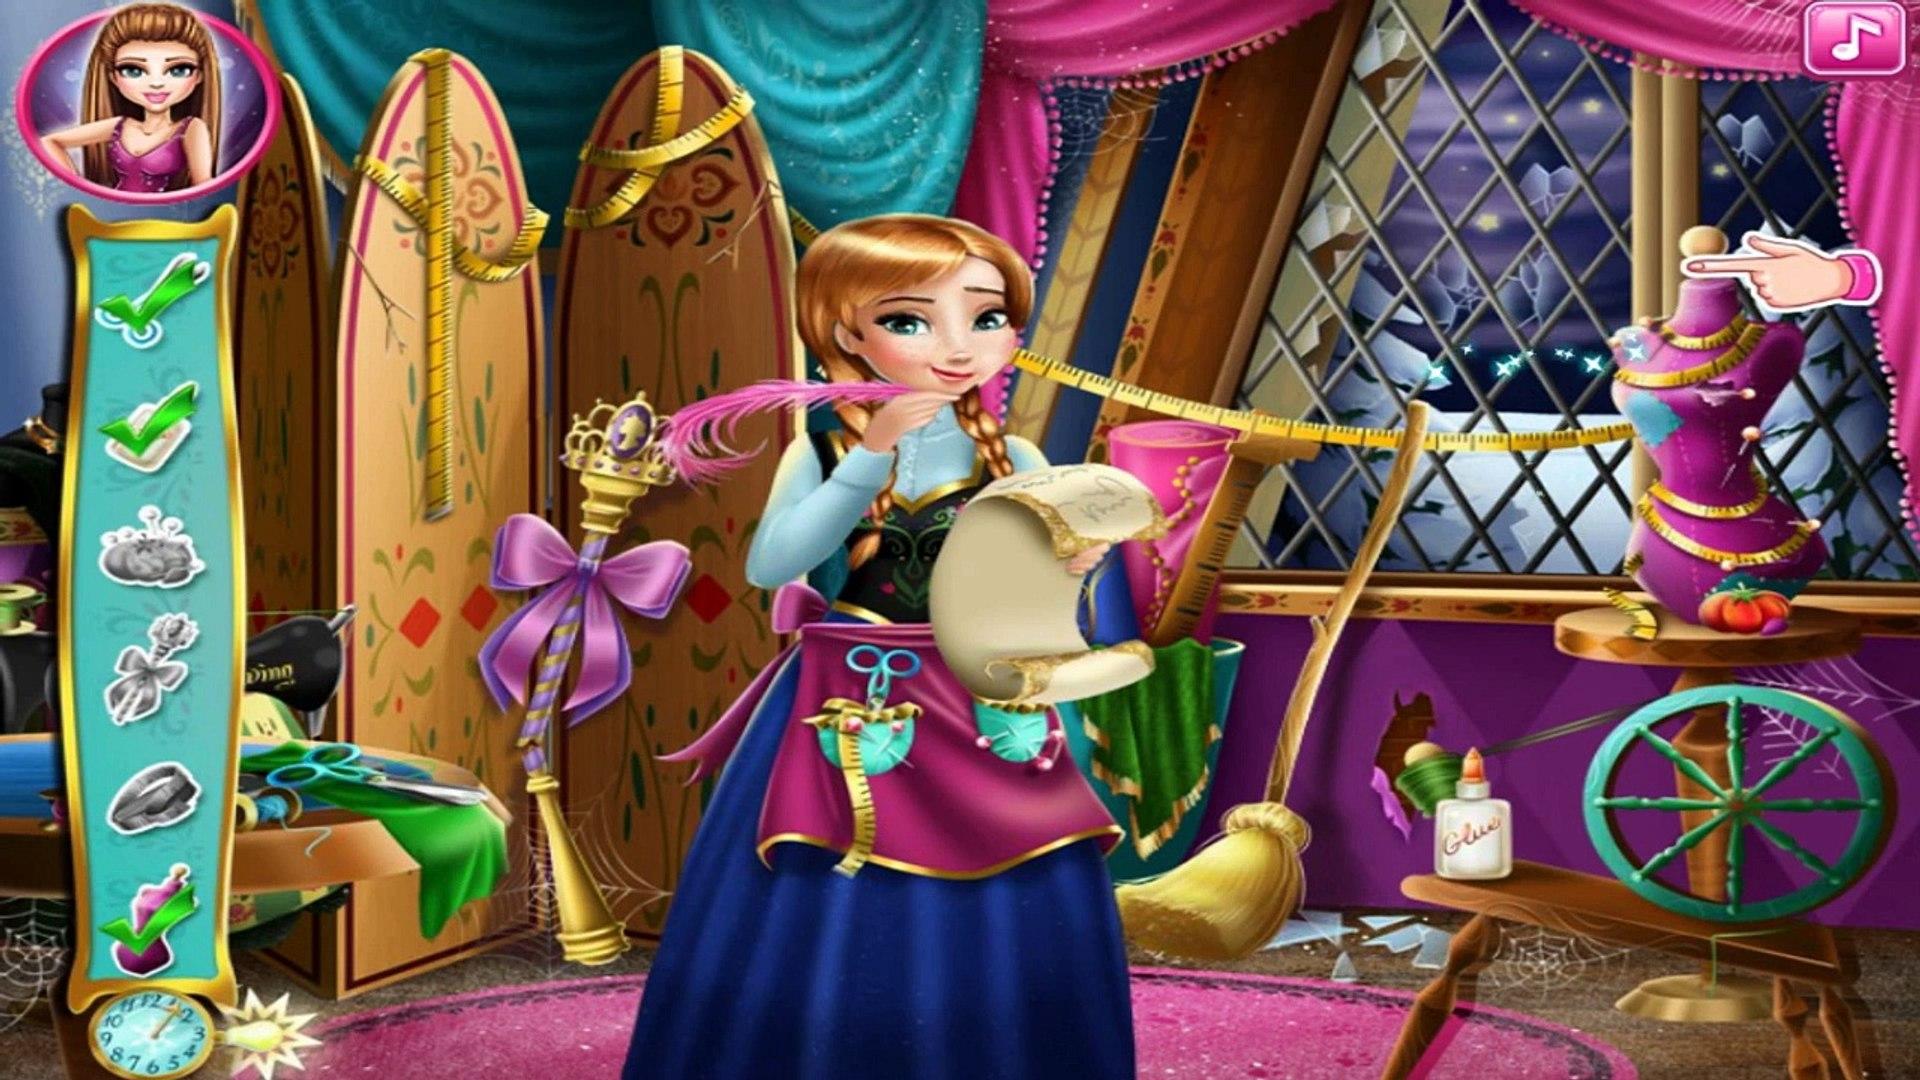 Замороженные Disney Принцесса Анна и Эльза Анна Портной для Эльза детские игры для детей